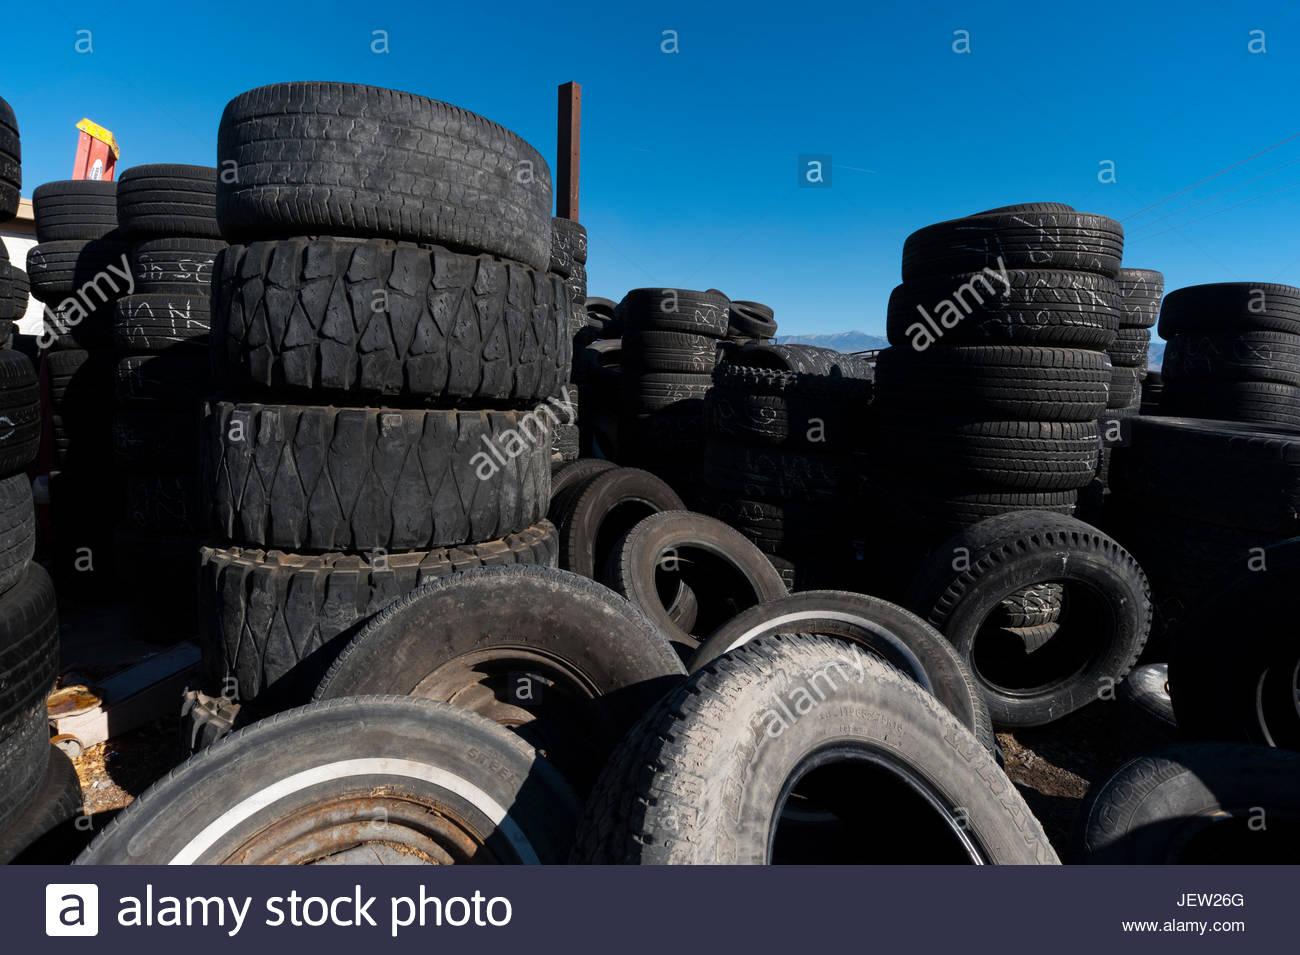 Pile e pile di vecchi pneumatici designato per il riciclo. Immagini Stock